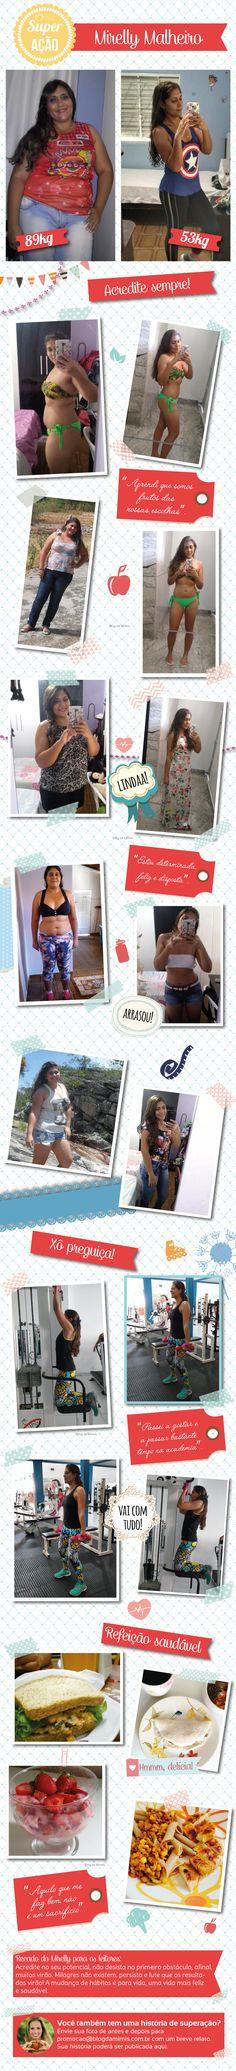 """Superação Mirelly Malheiro: """"eliminei 35kg em apenas 6 meses"""" - Blog da Mimis #emagrecer #loseweight #perderpeso #diet #dieta #dicas #alimentação #reeducaçãoalimentar #saudável"""